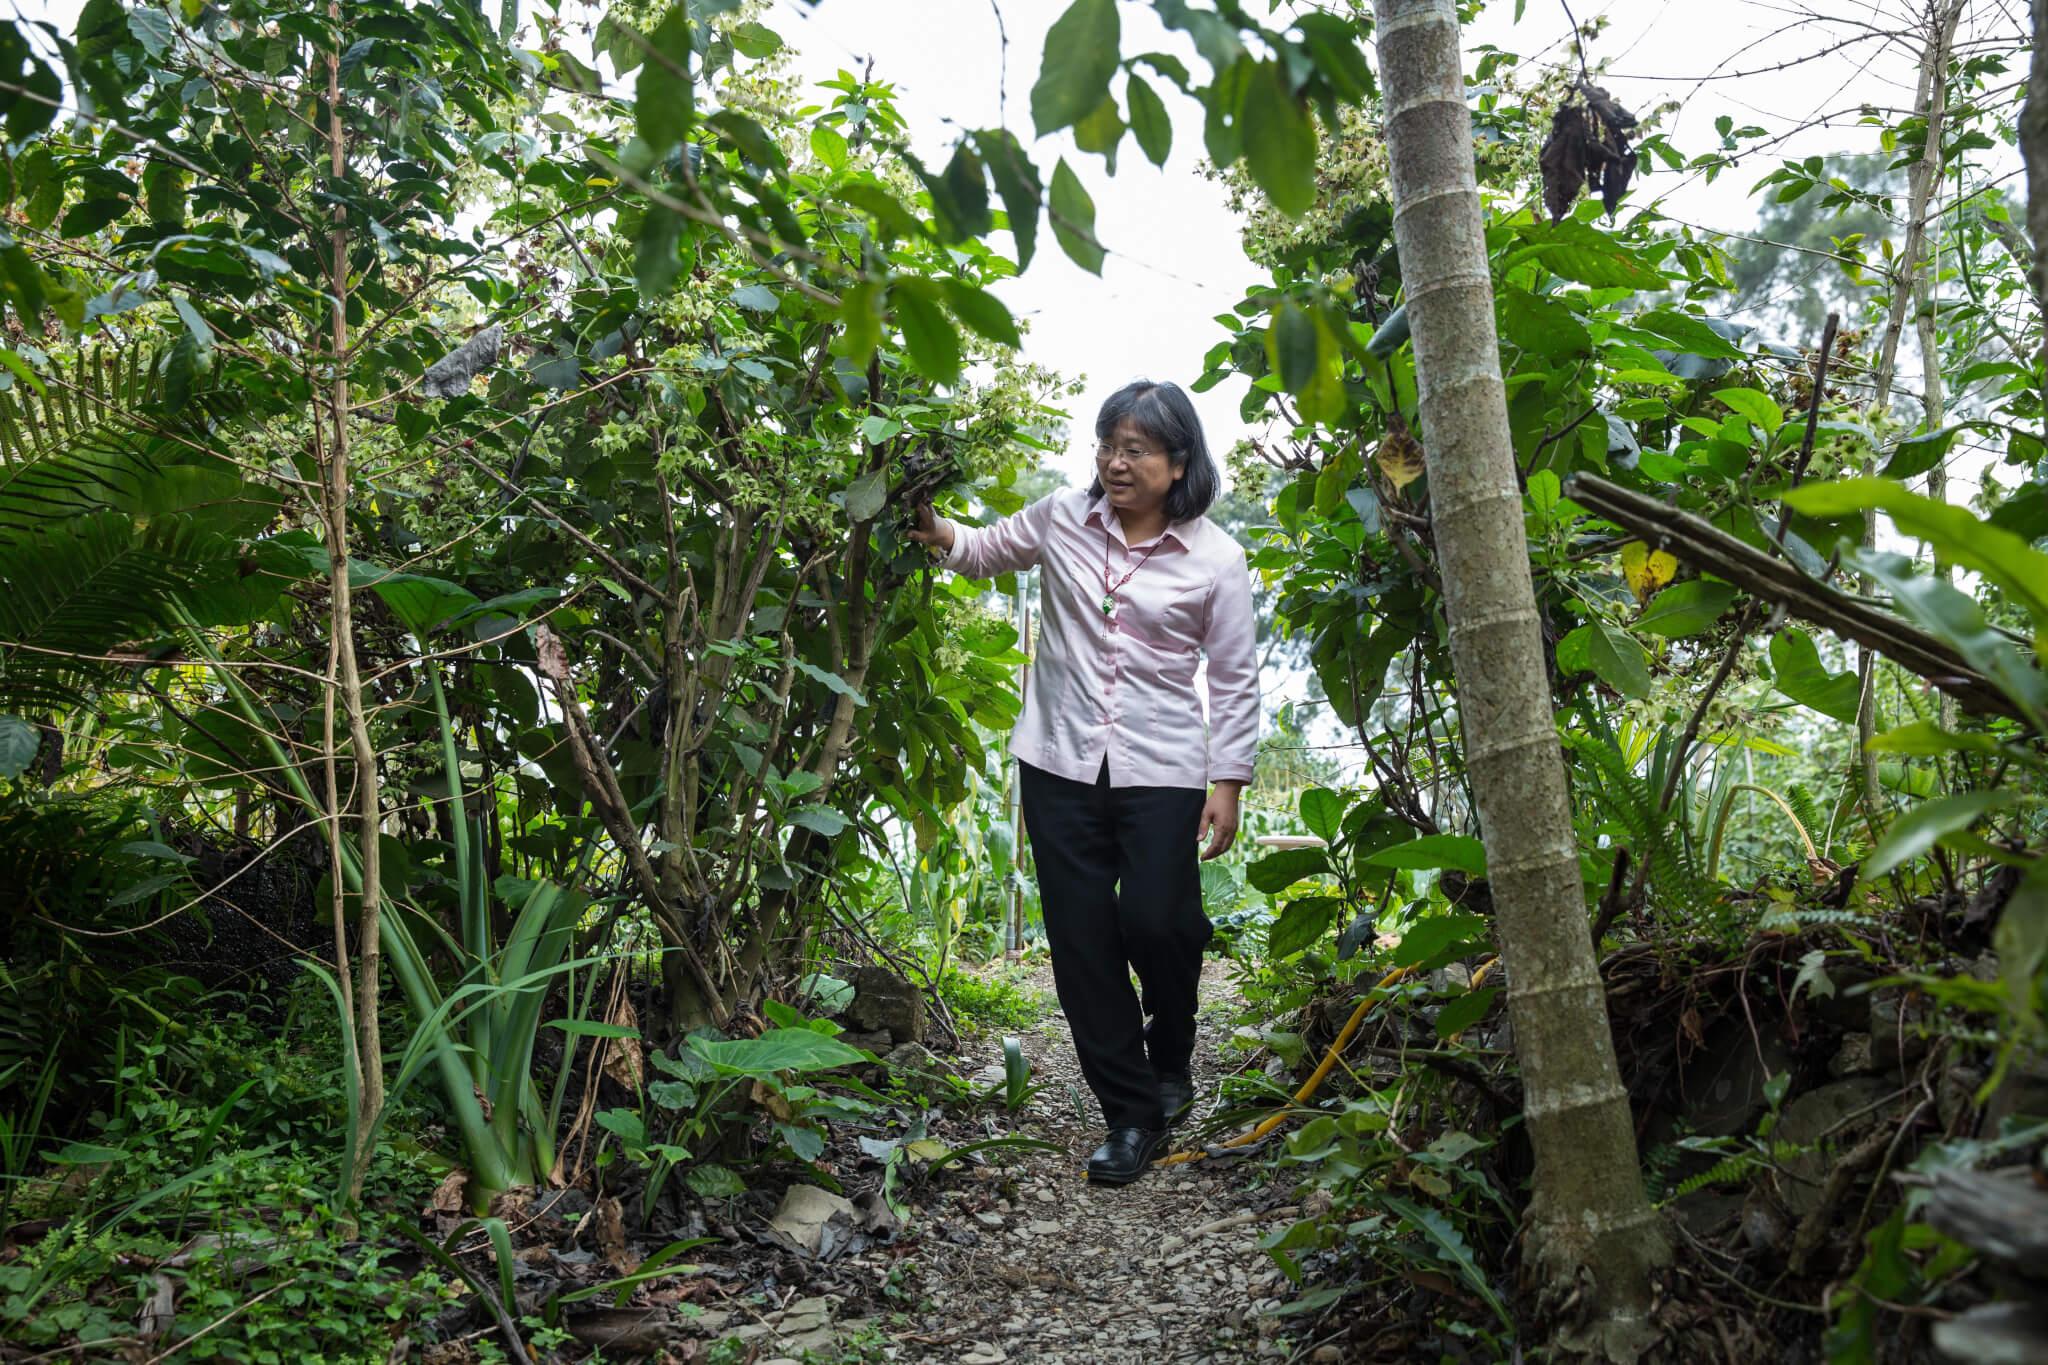 學者陳美惠經常翻山越嶺深入部落,陪伴族人找到自我價值,留在原鄉生活。